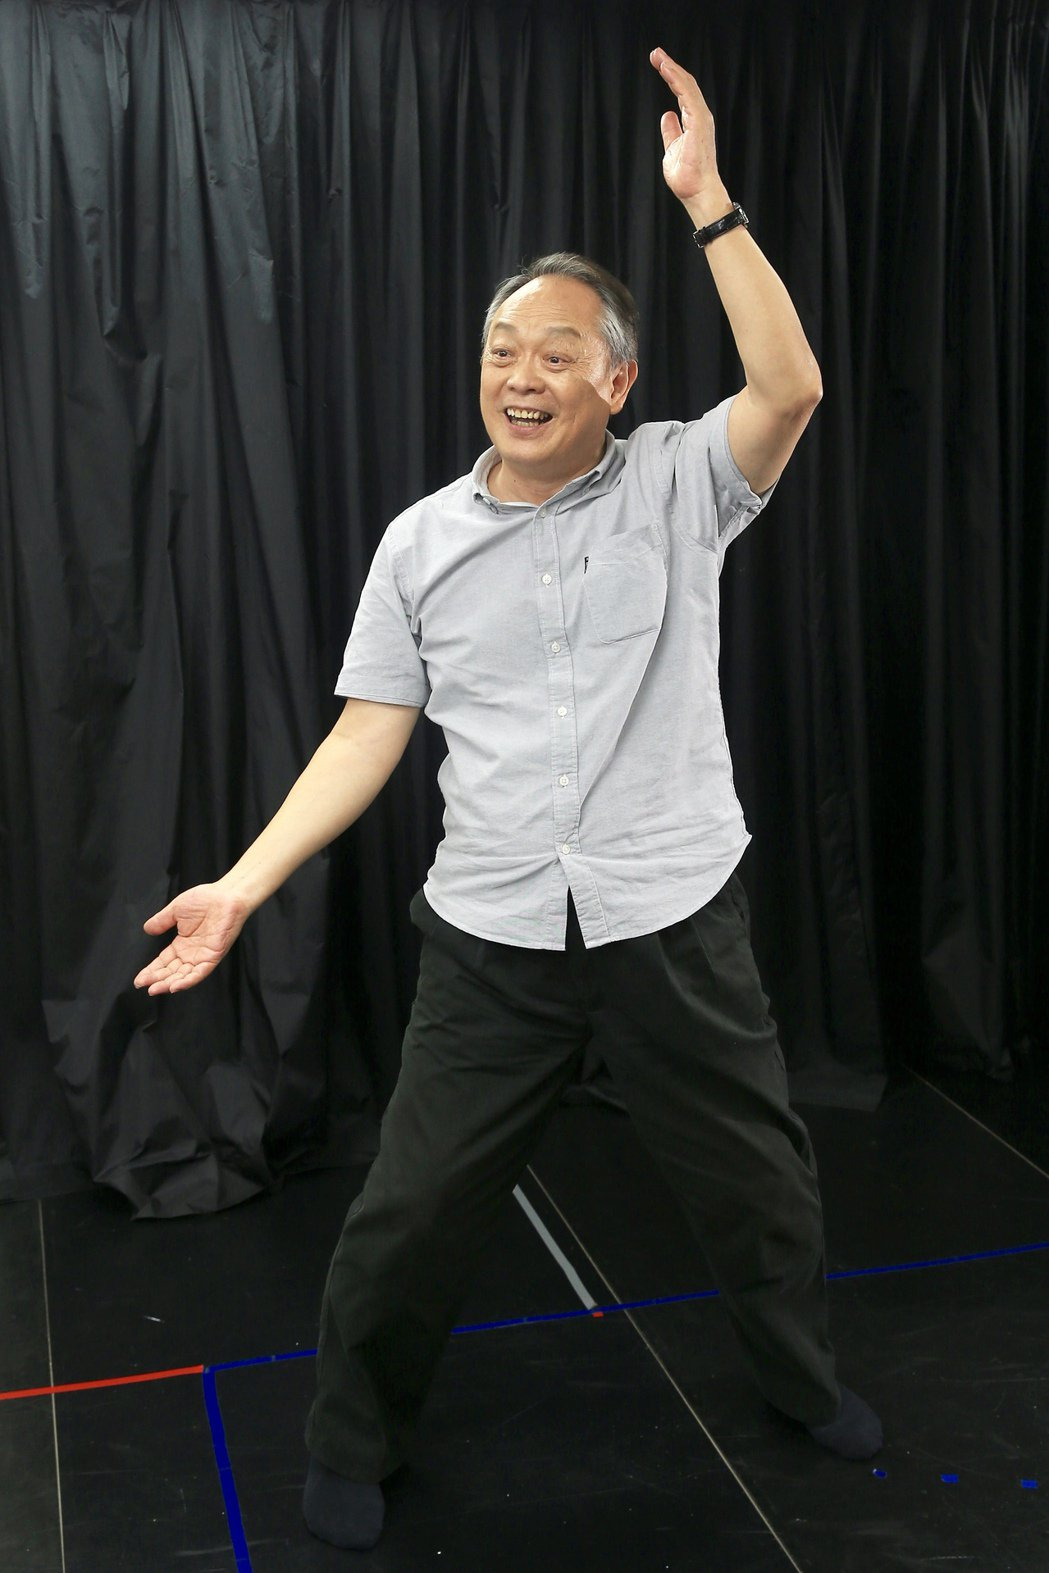 張復建將京劇身段融入生活中,透過幾個動作就能達到運動效果。記者林伯東/攝影